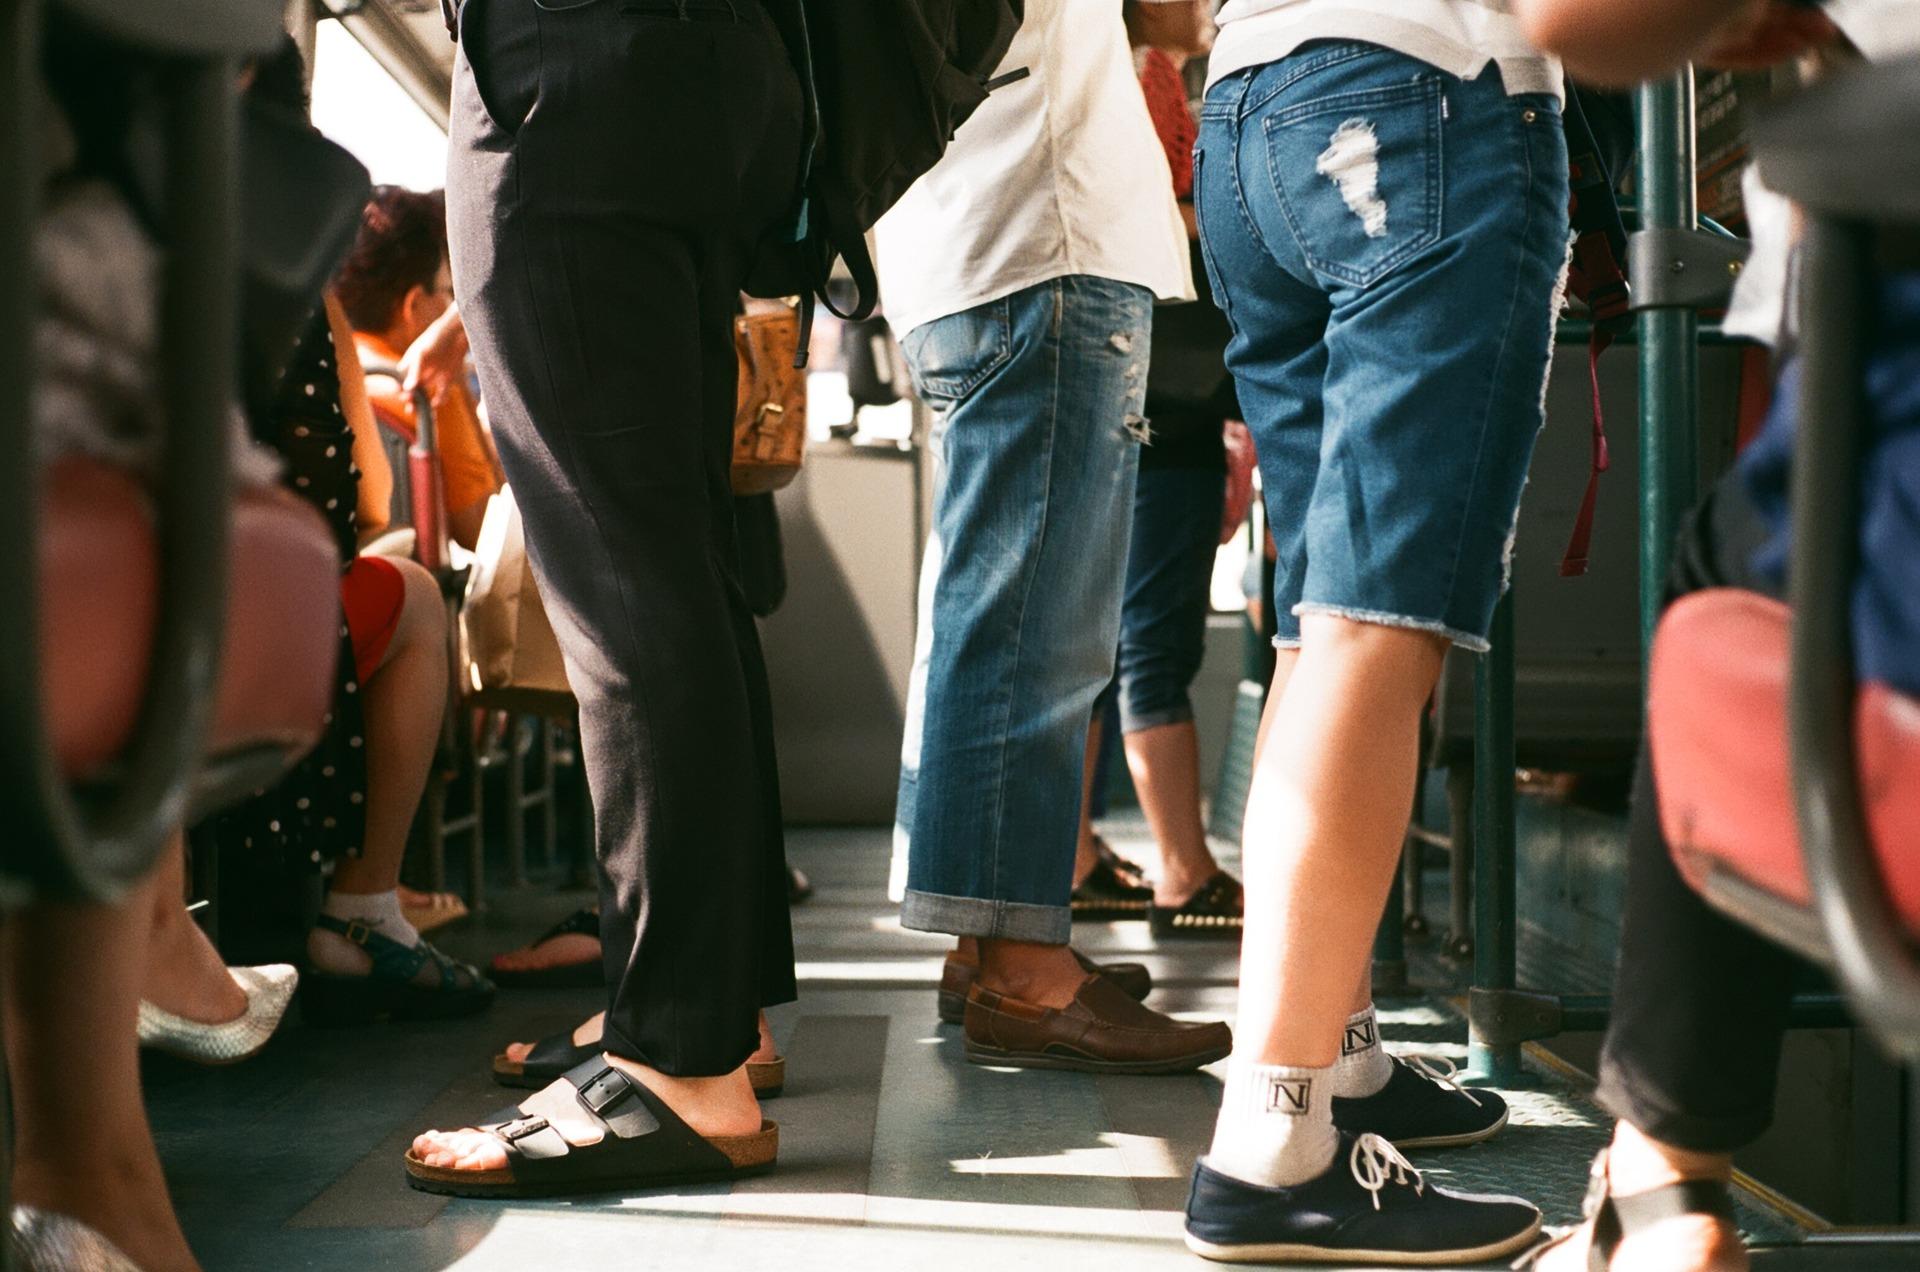 Sturz eines behinderten Fahrgasts im Linienbus – Haftung für Verkehrsbetriebe kann entfallen